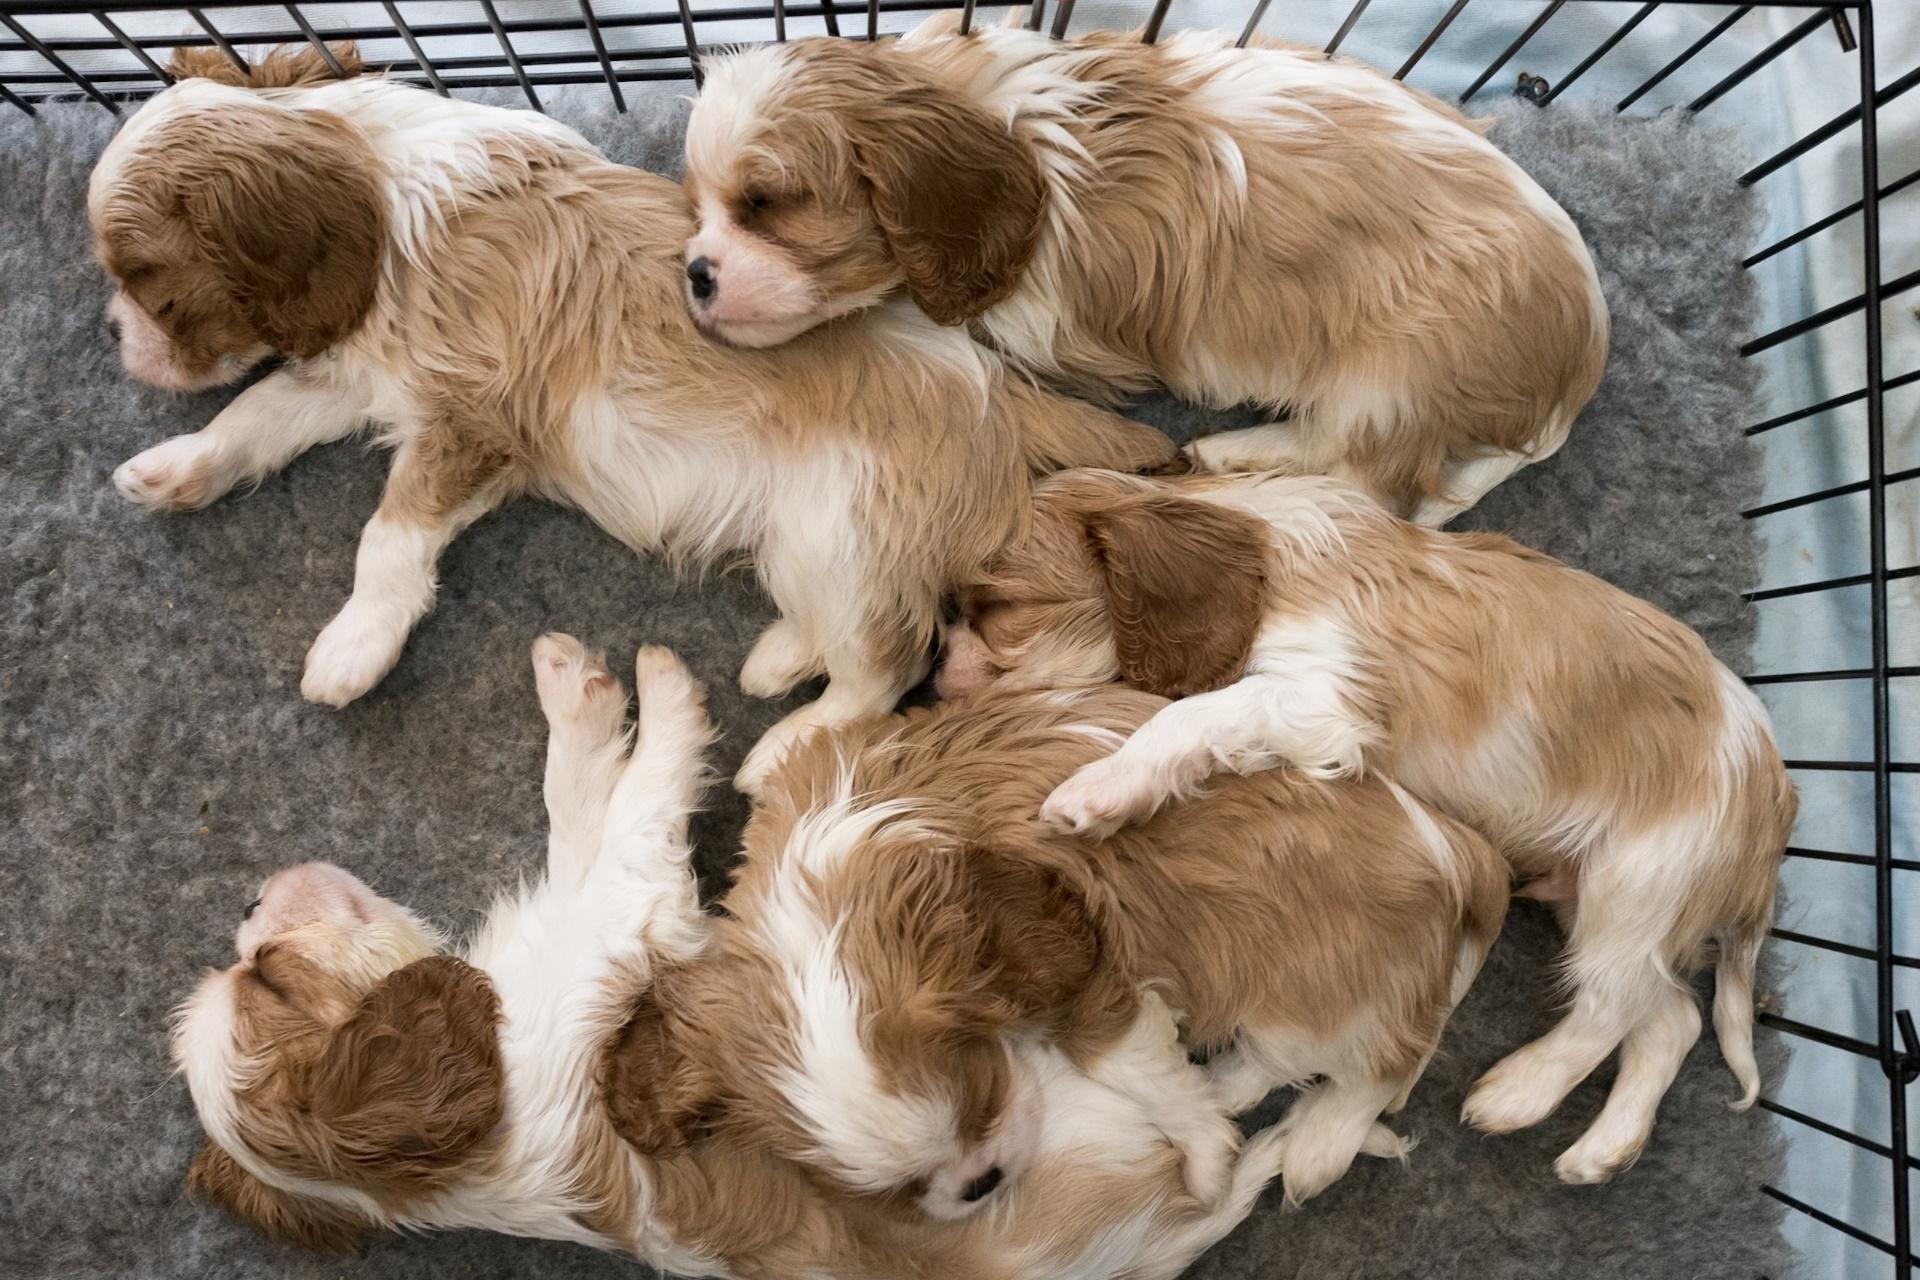 Puppies Sleeping Dog Animals